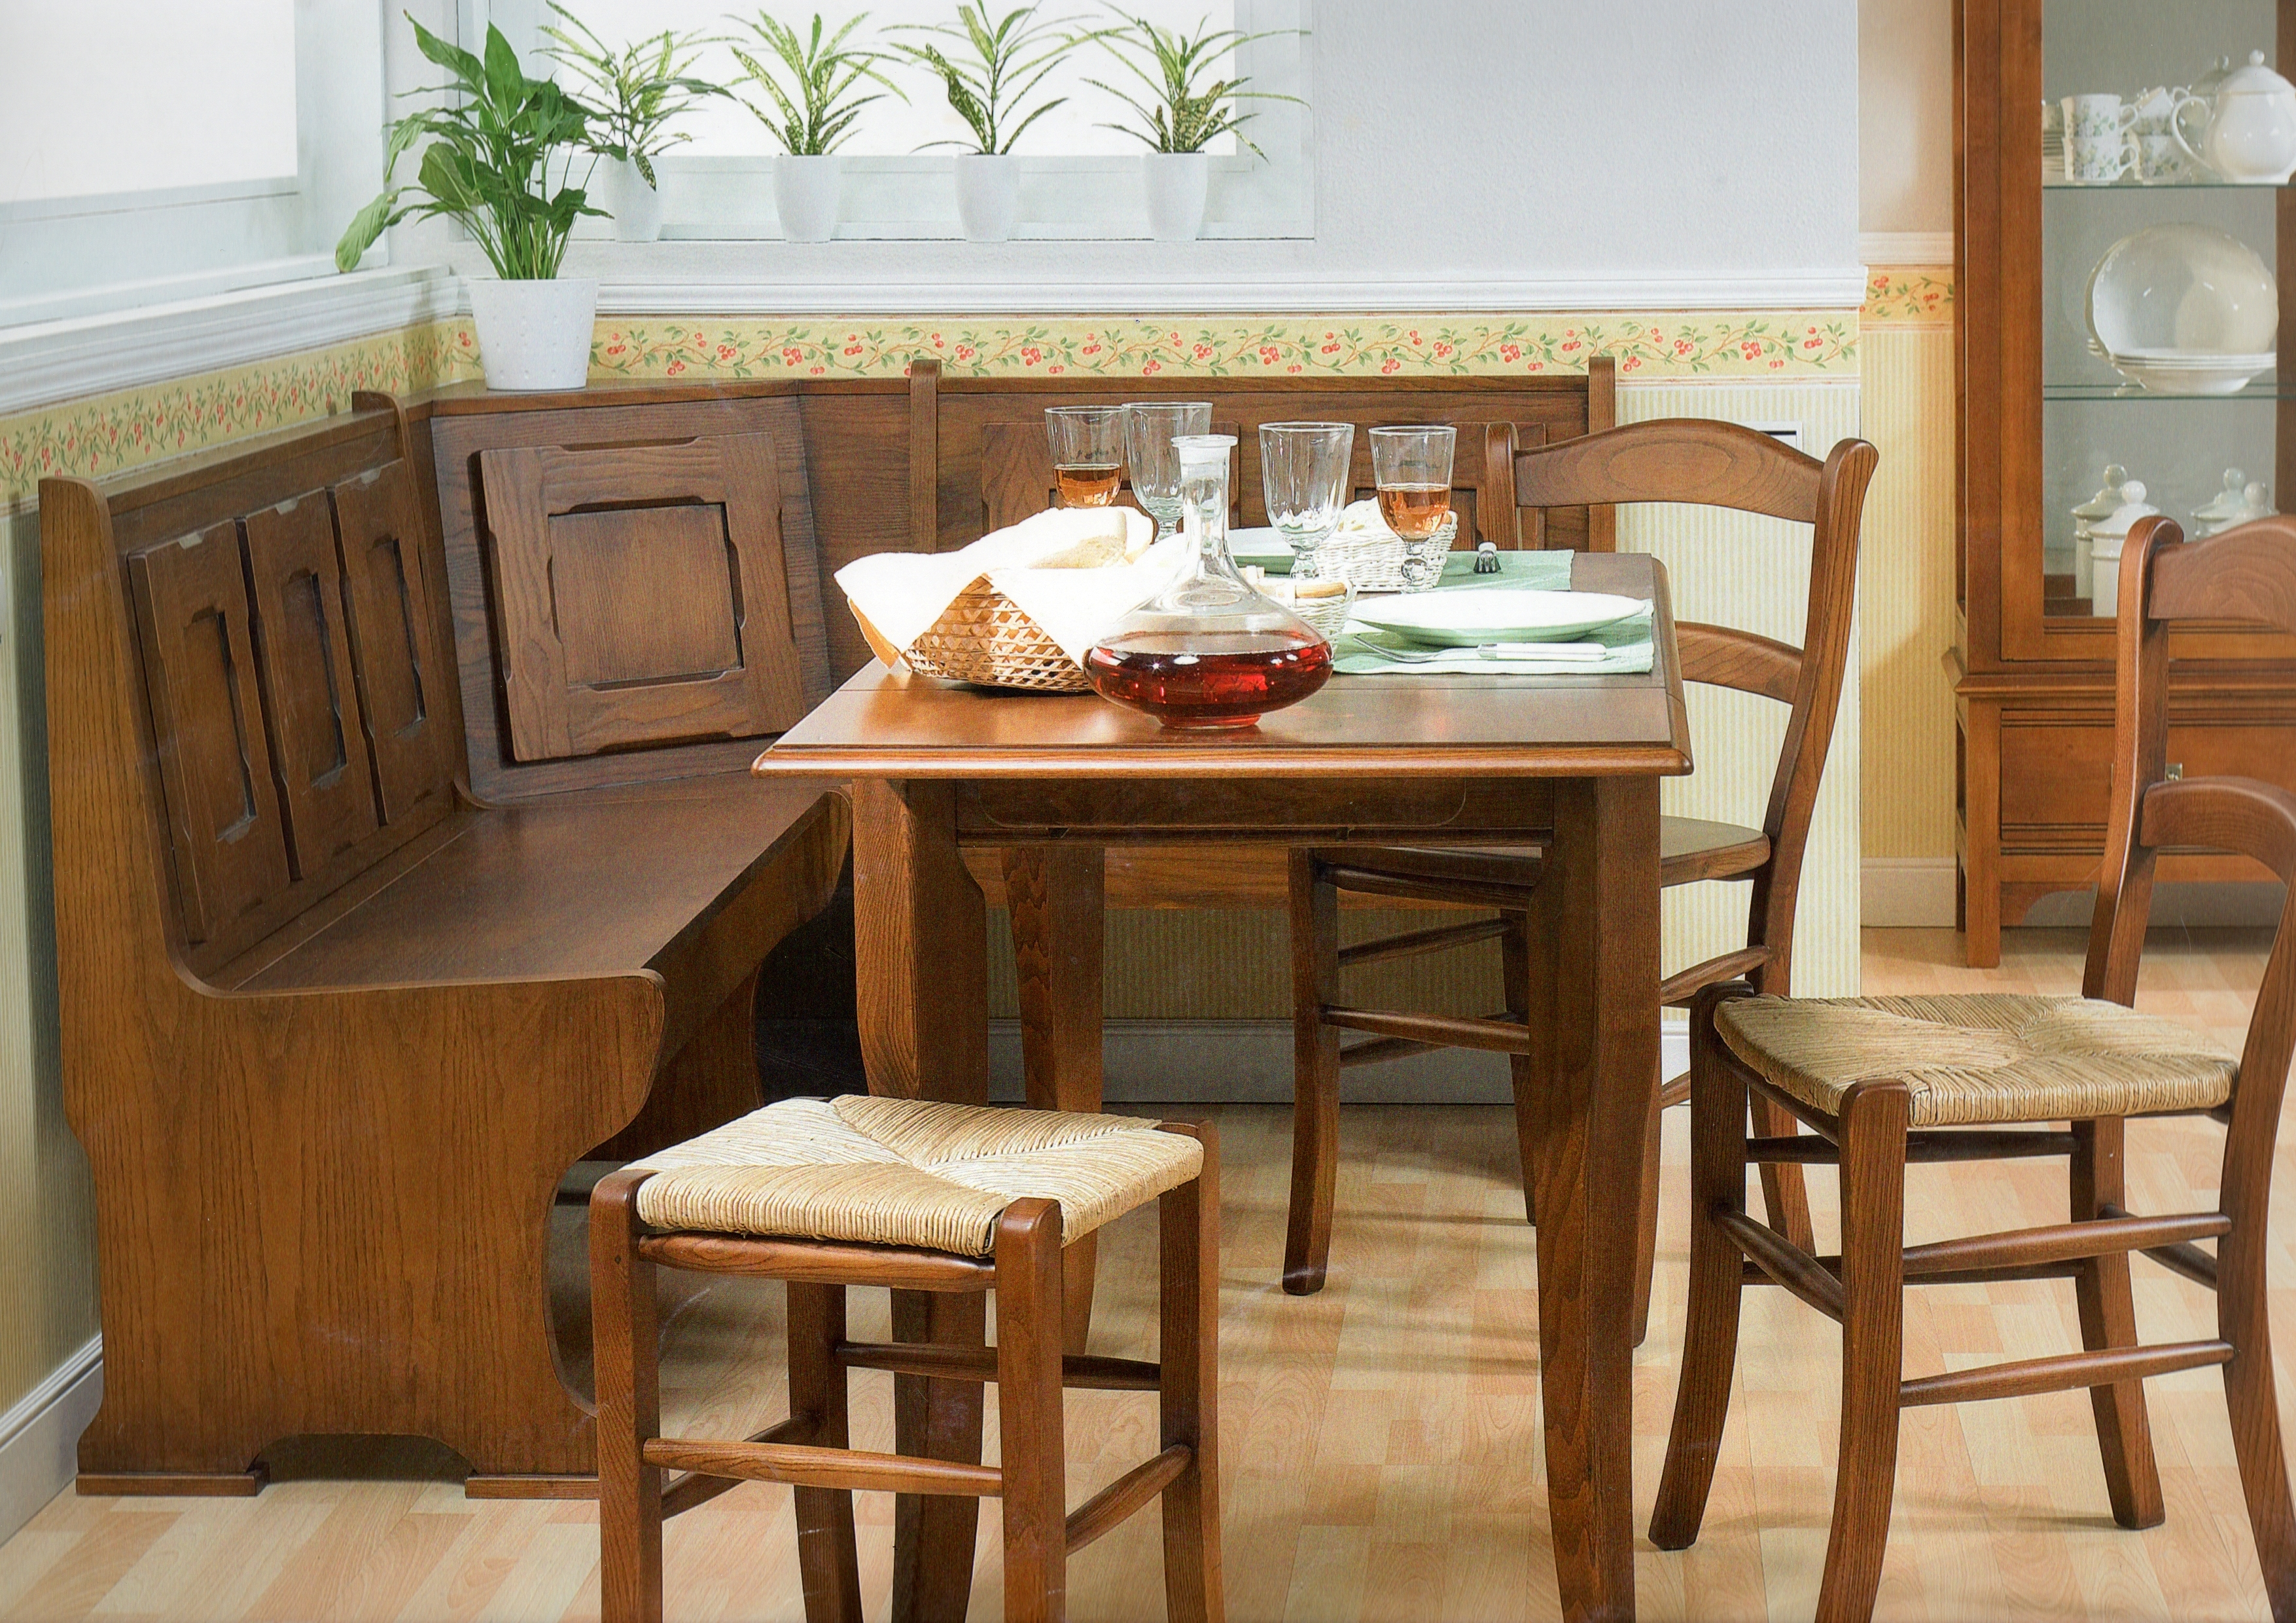 Bancos rinconera muebles ala fabricaci n y venta de - Bancos esquineros para cocina ...